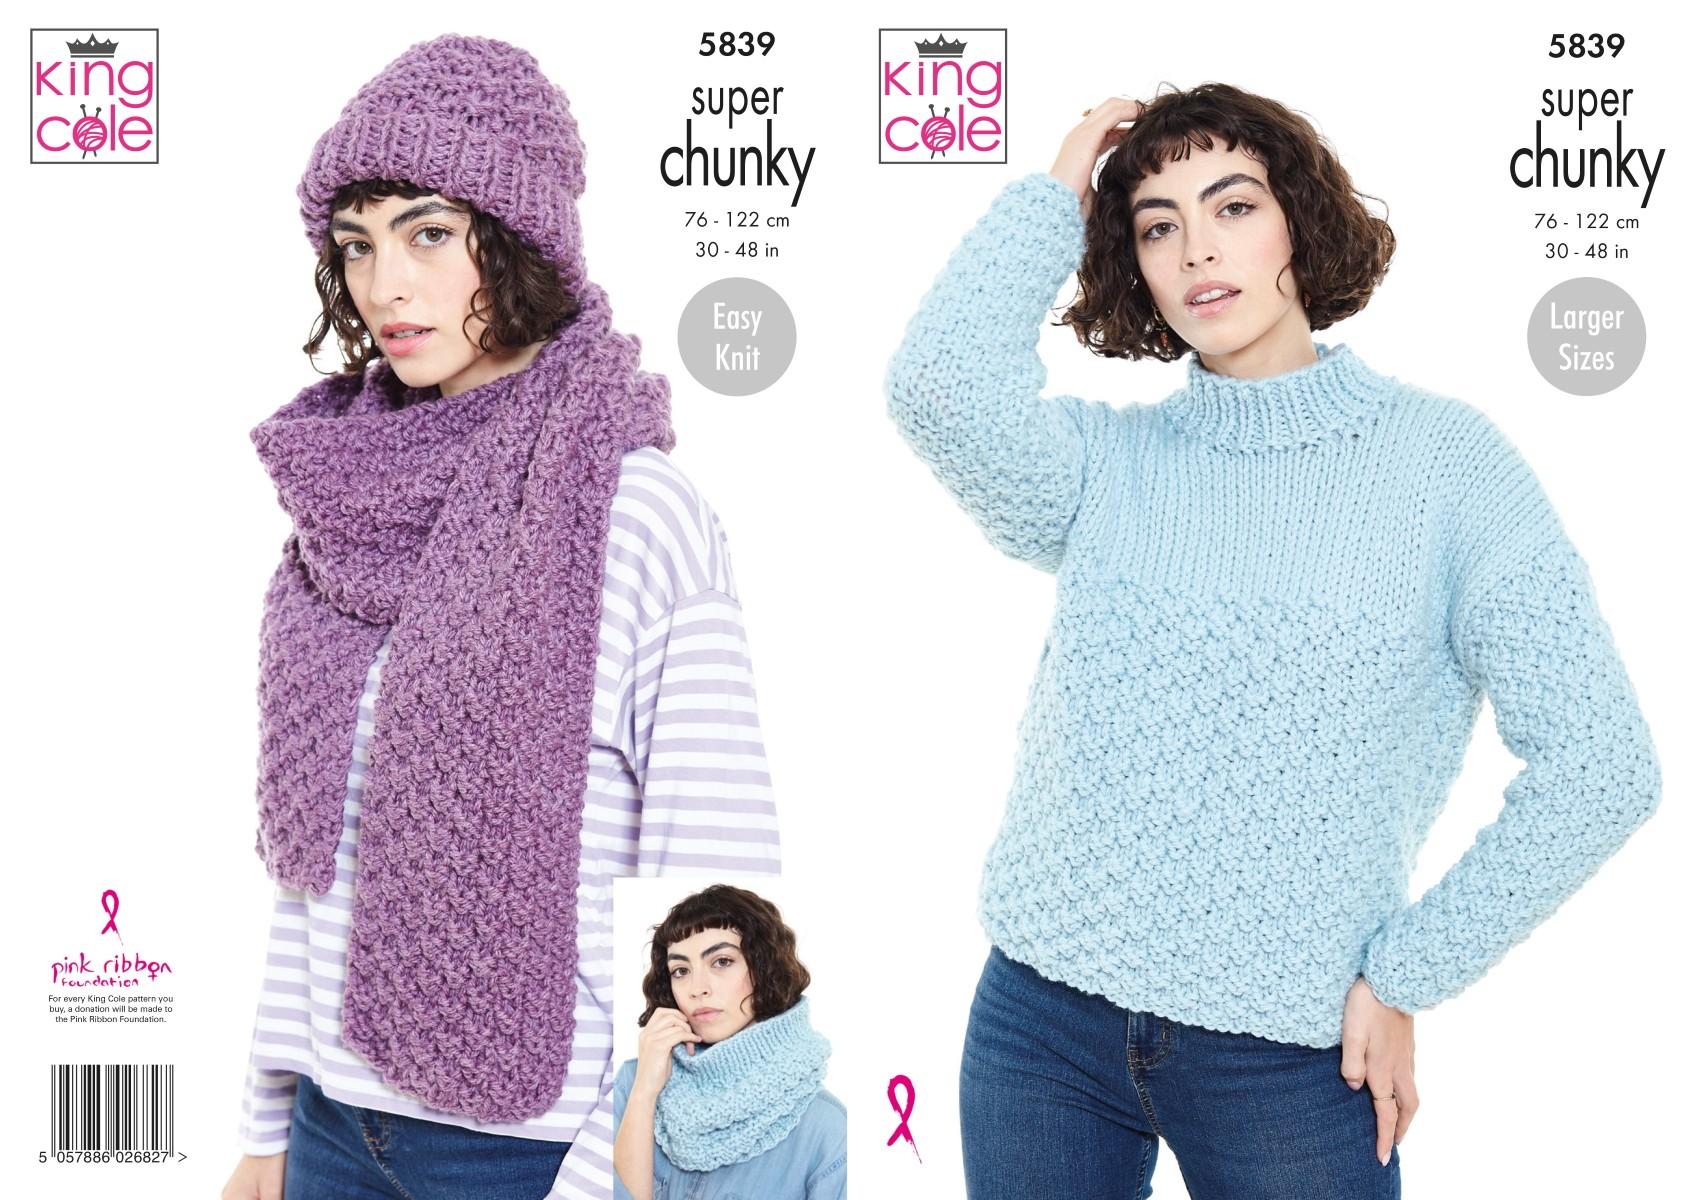 King Cole Knitting Pattern...